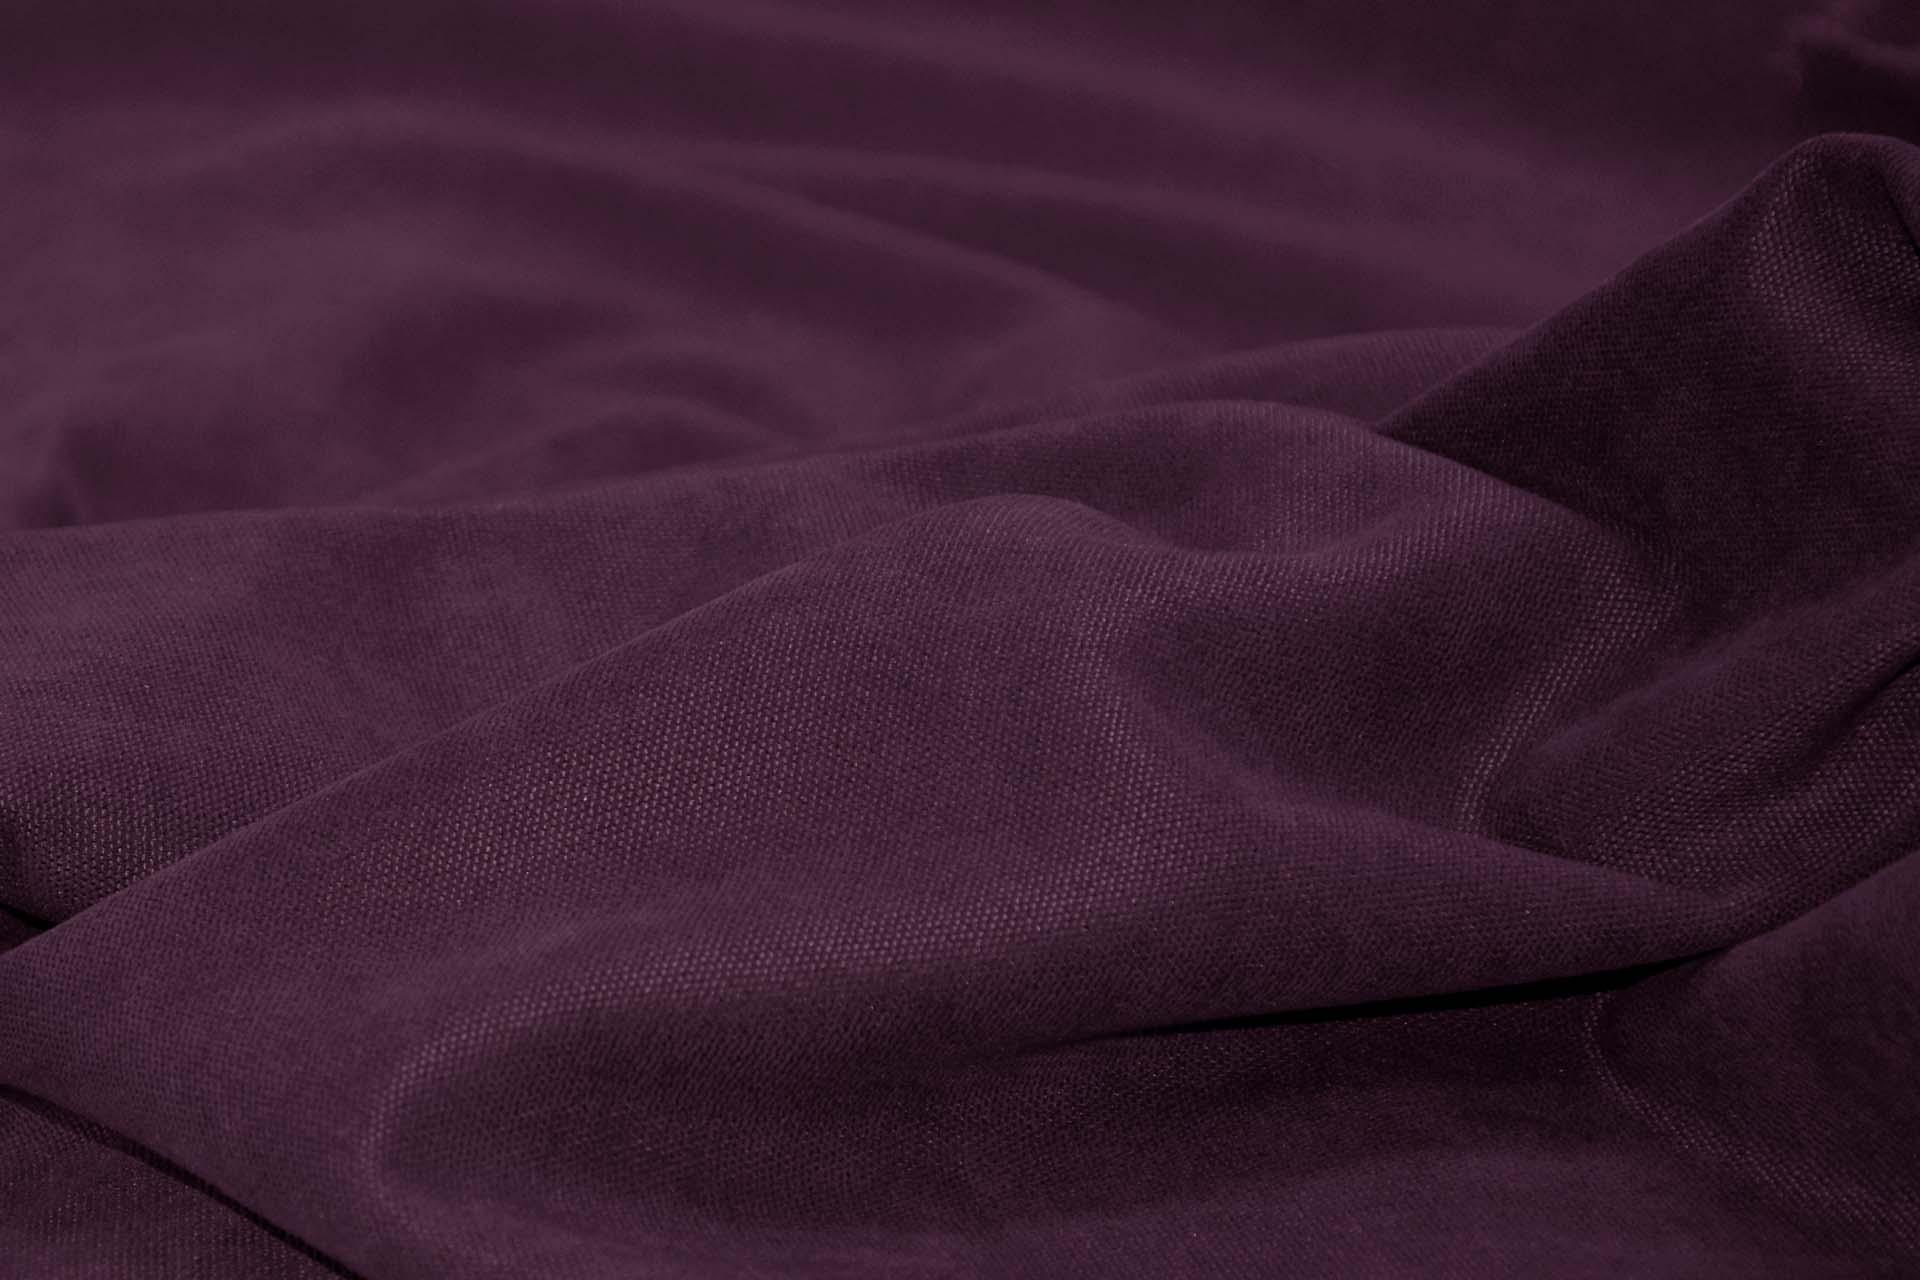 tissu bethel microfibre anti t ches et lavable de casal vendu par la rime des matieres. Black Bedroom Furniture Sets. Home Design Ideas